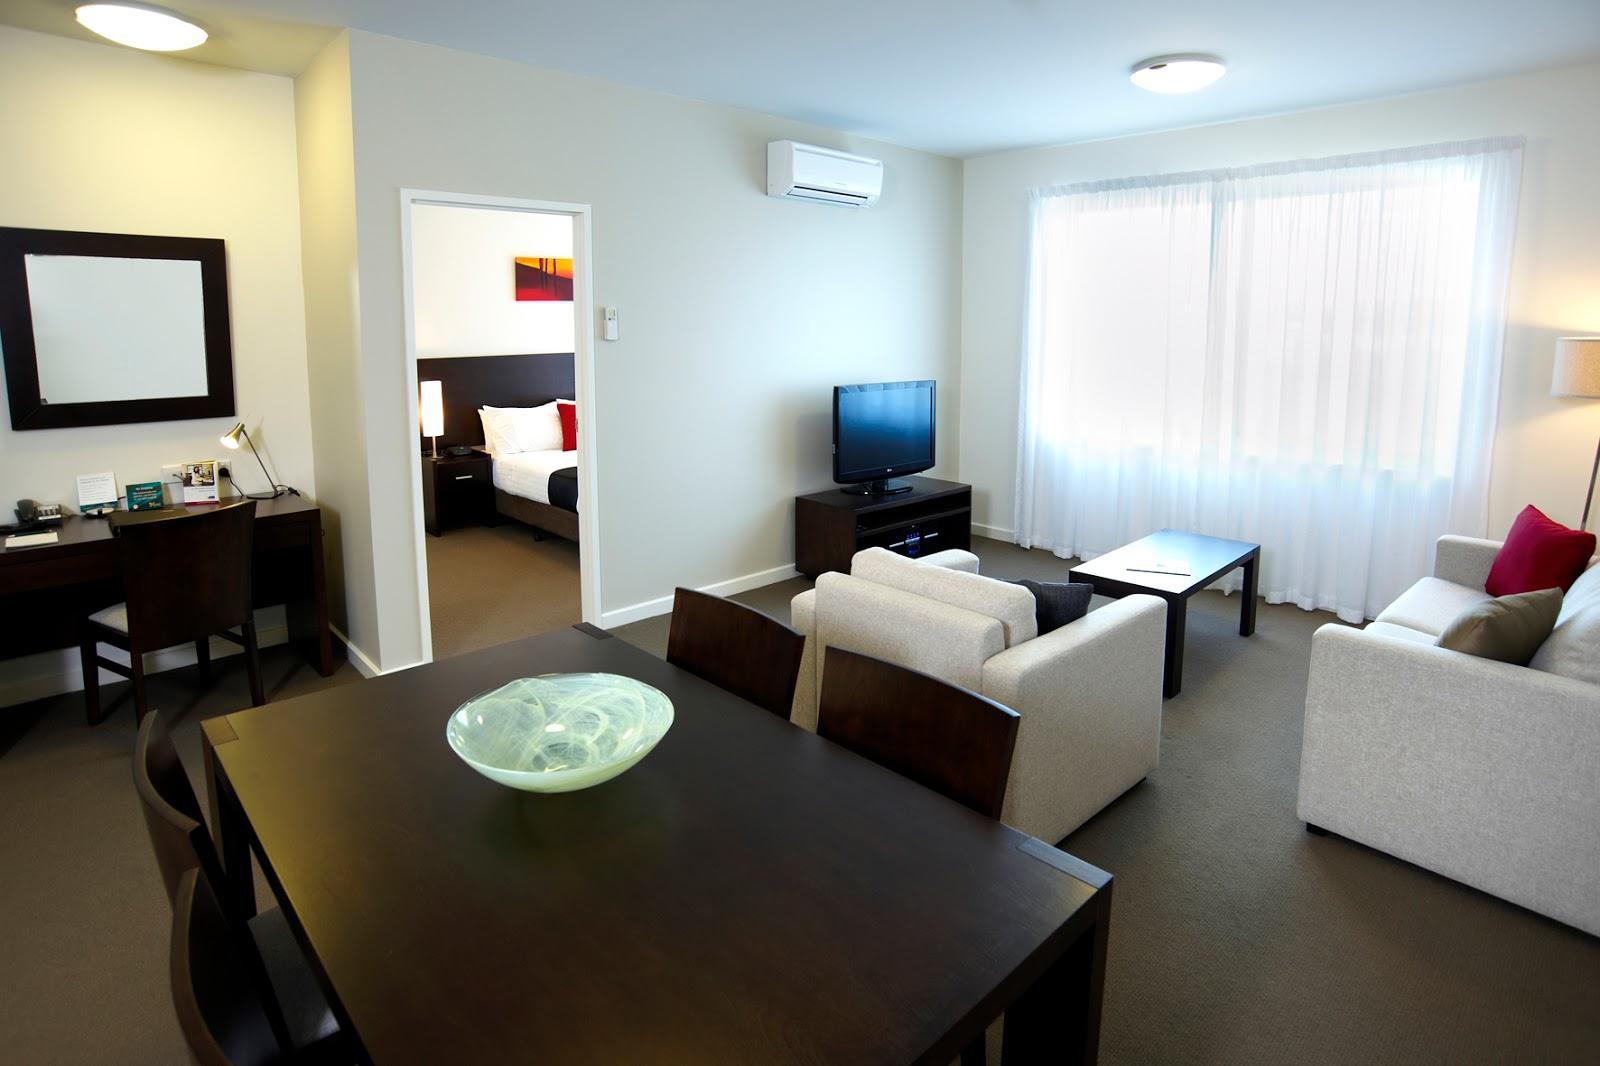 Sewa Apartemen Mewah Harga Murah Dengan Mengandalkan Informasi